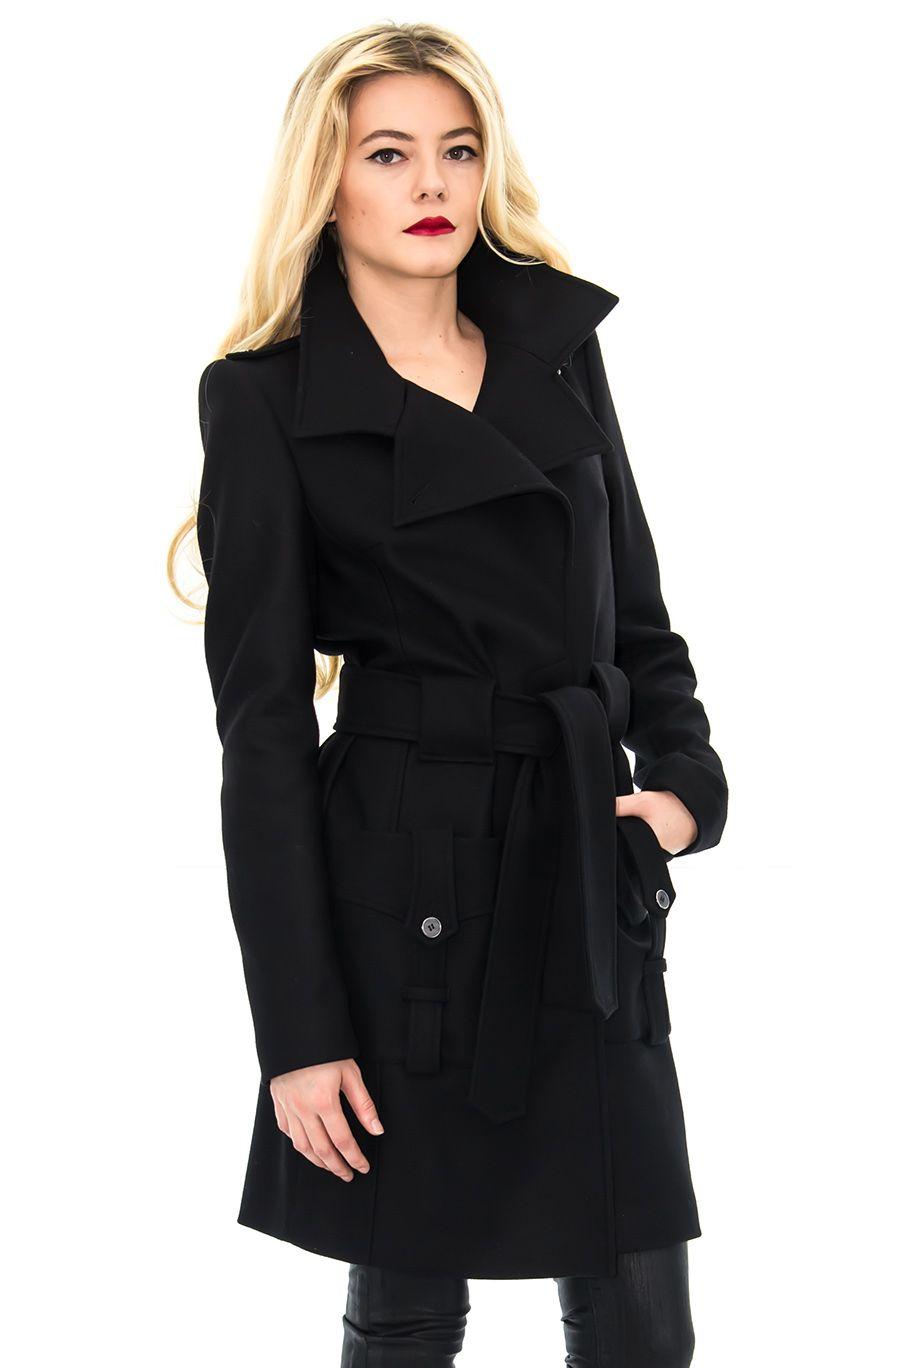 Manteau cachemire, manteau noir, manteau mode, manteau femme - Stefanie  Renoma b8be9234c86